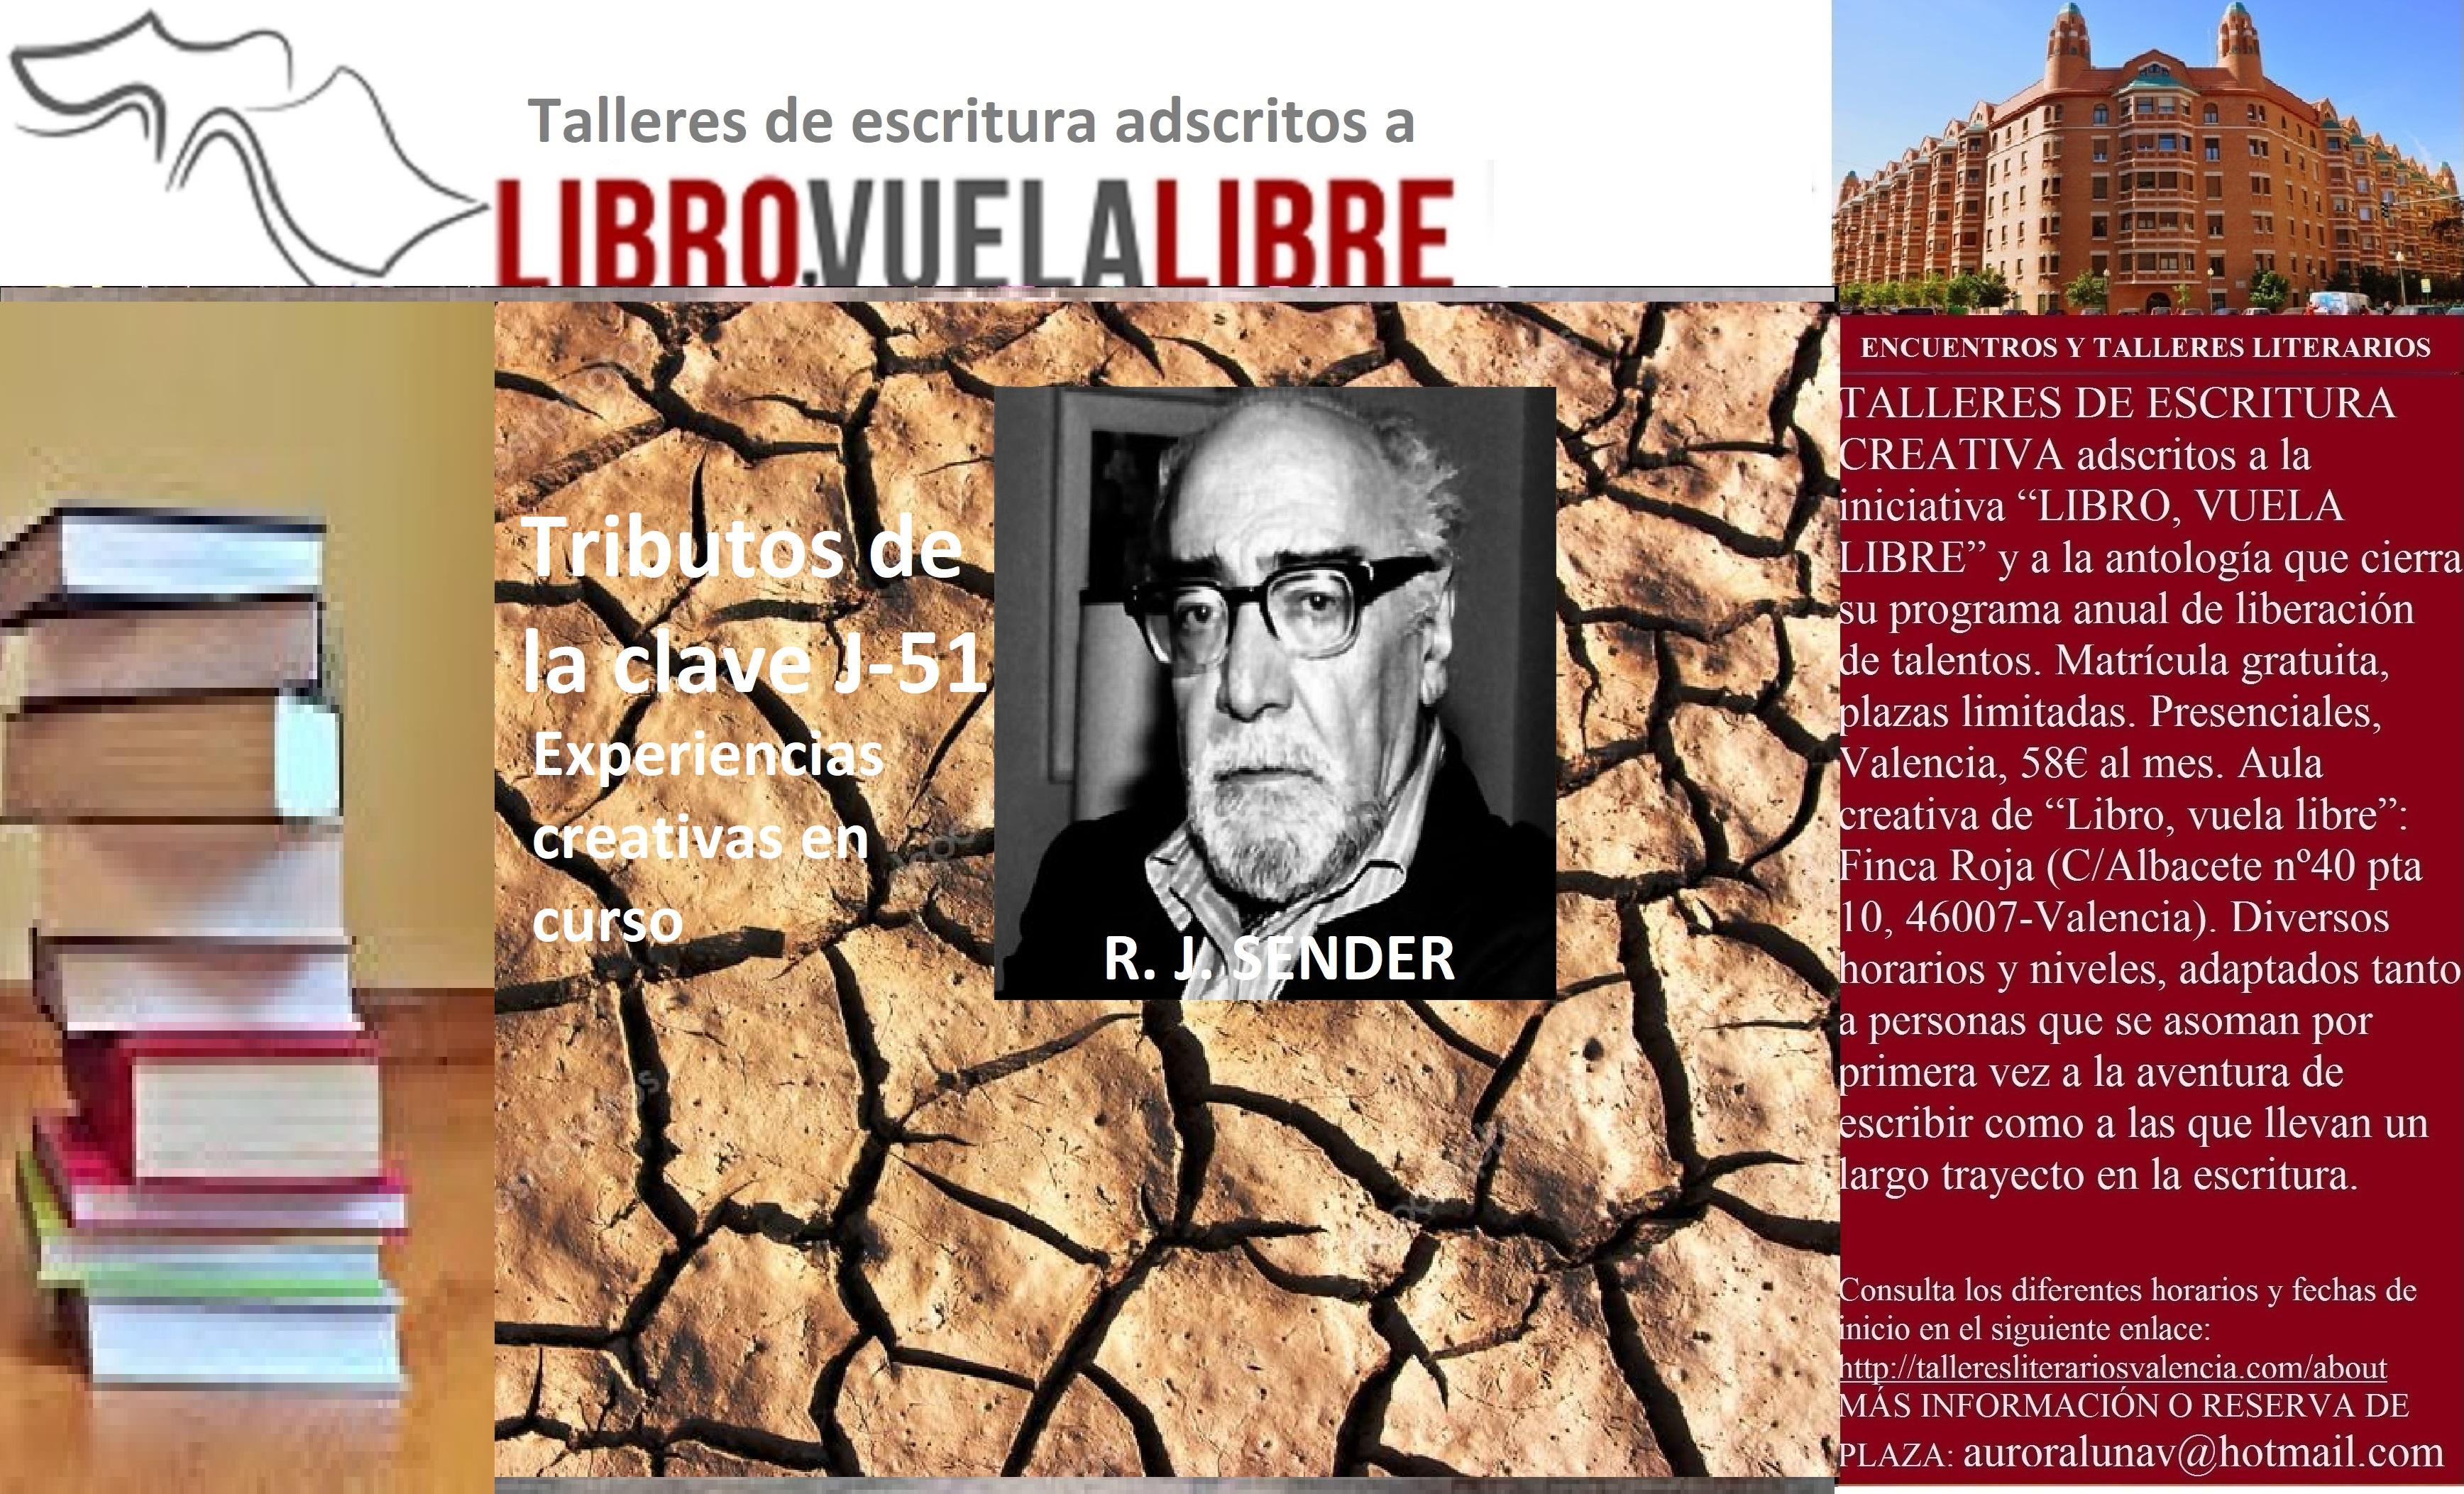 R. J. SENDER. Talleres de escritura en Valencia, tributos de la clave J-51